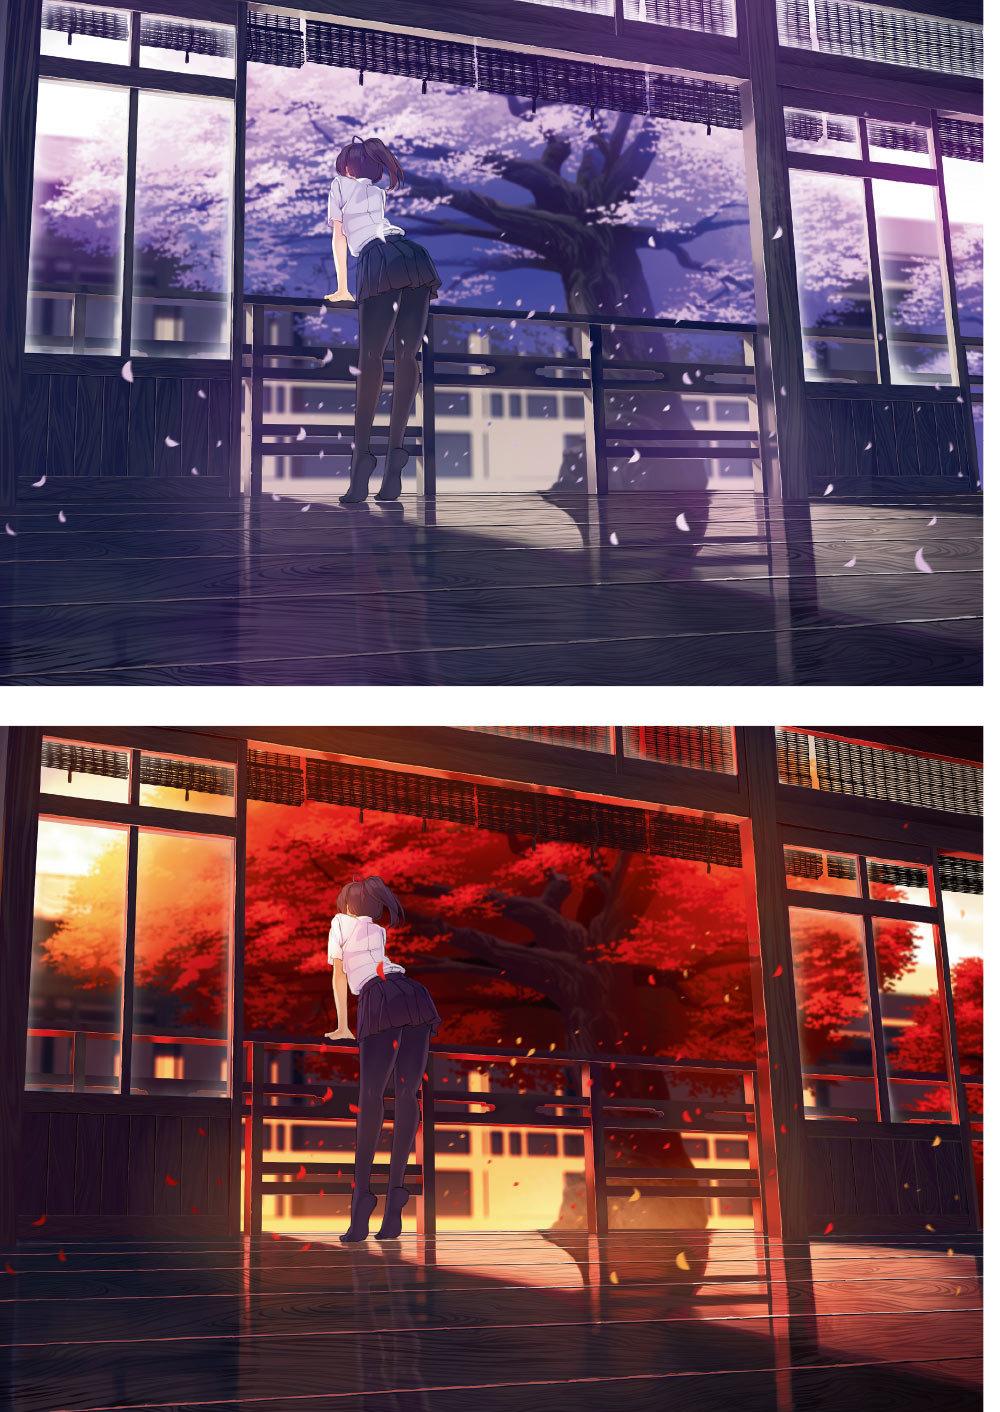 超質感場景繪製美學   結合人與物的絕美背景電繪技法-preview-3